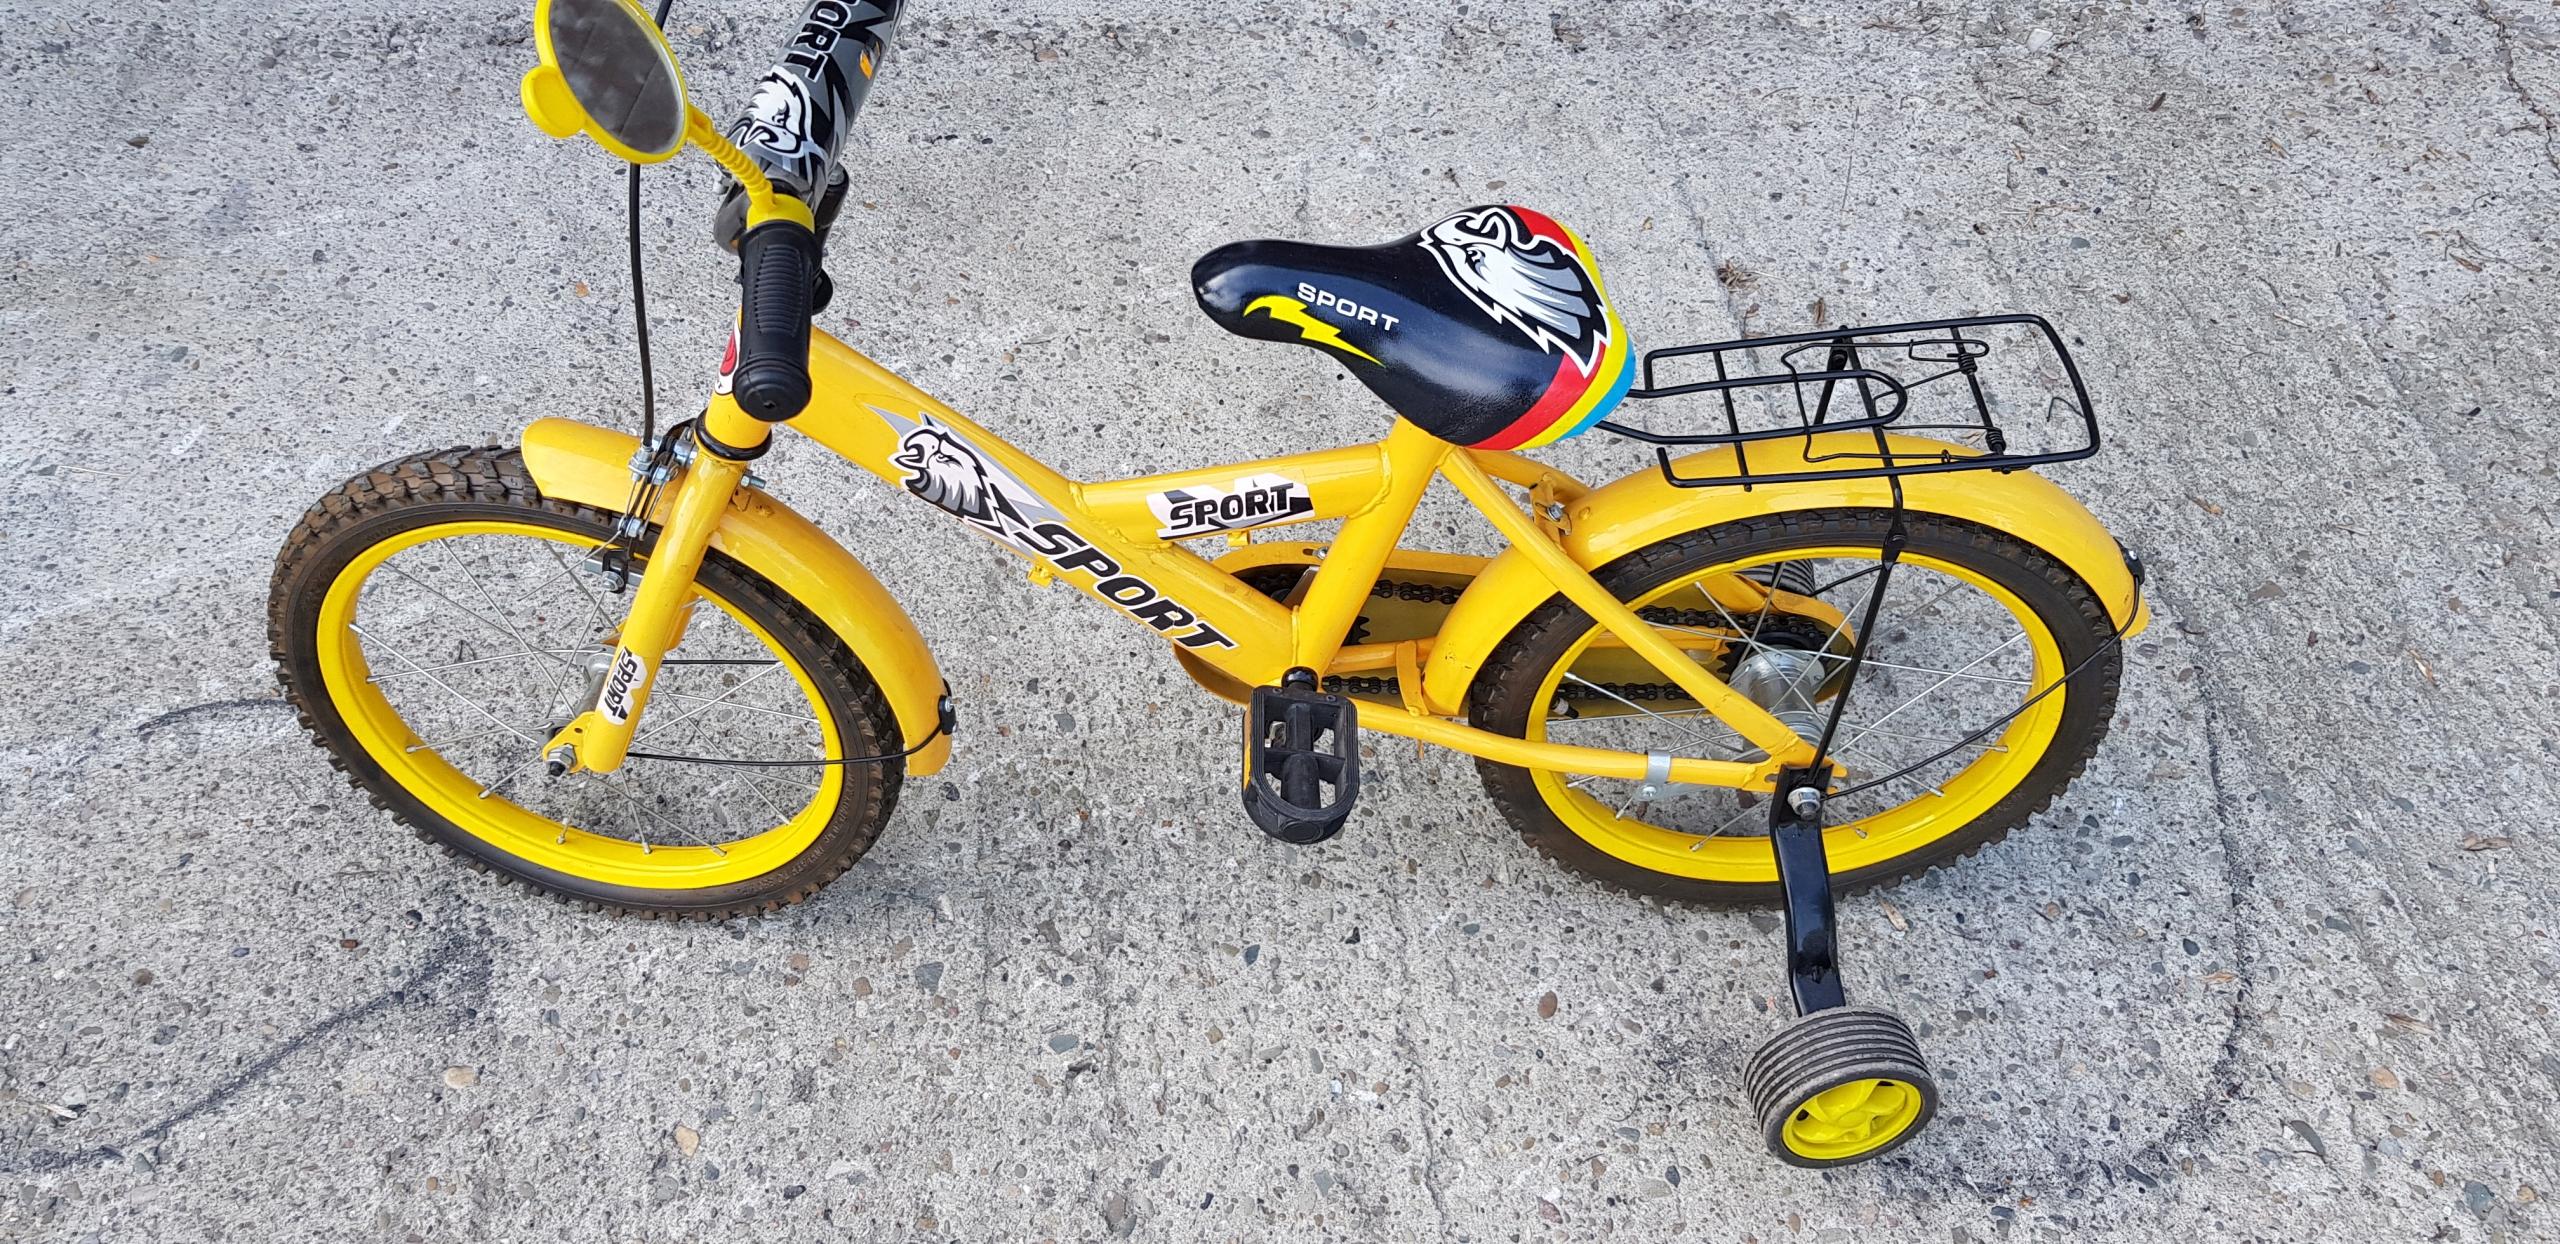 Rowerek rower dziecięcy Sport 16 idealny do nauki